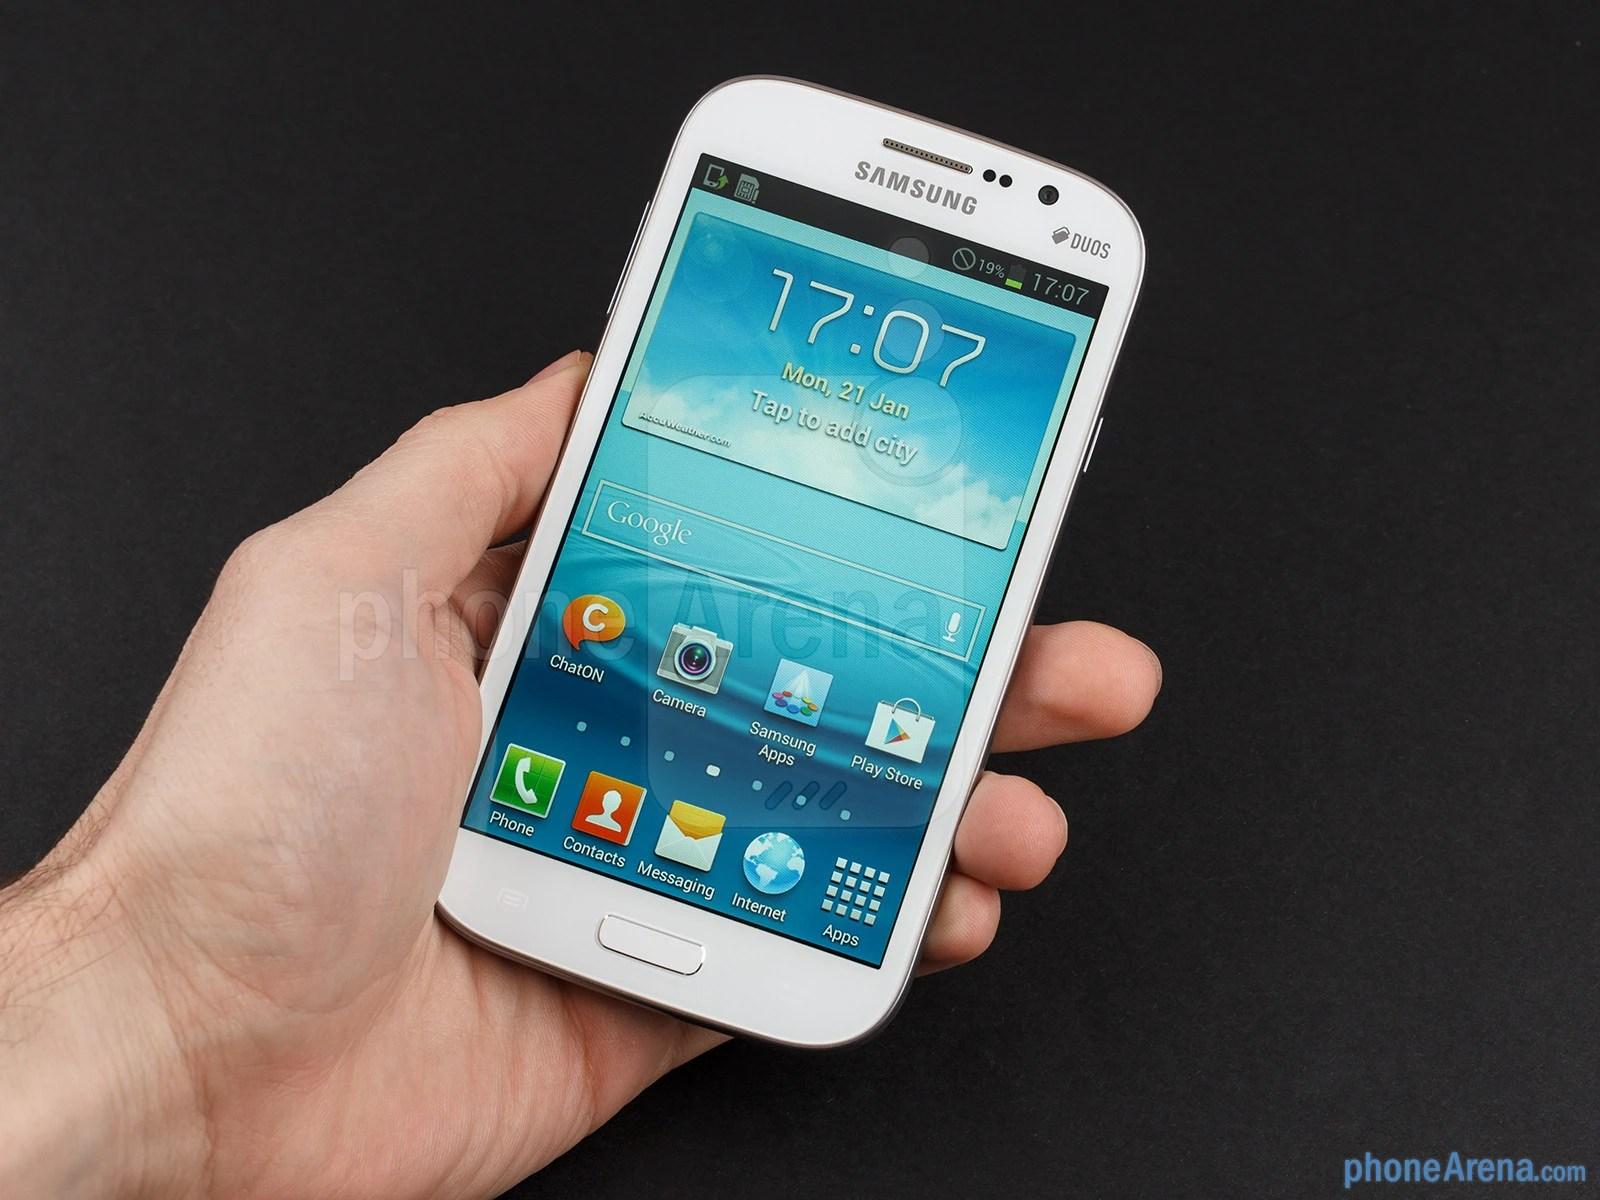 https://i1.wp.com/i-cdn.phonearena.com/images/reviews/126362-image/Samsung-Galaxy-Grand-Duos-Preview-003.jpg